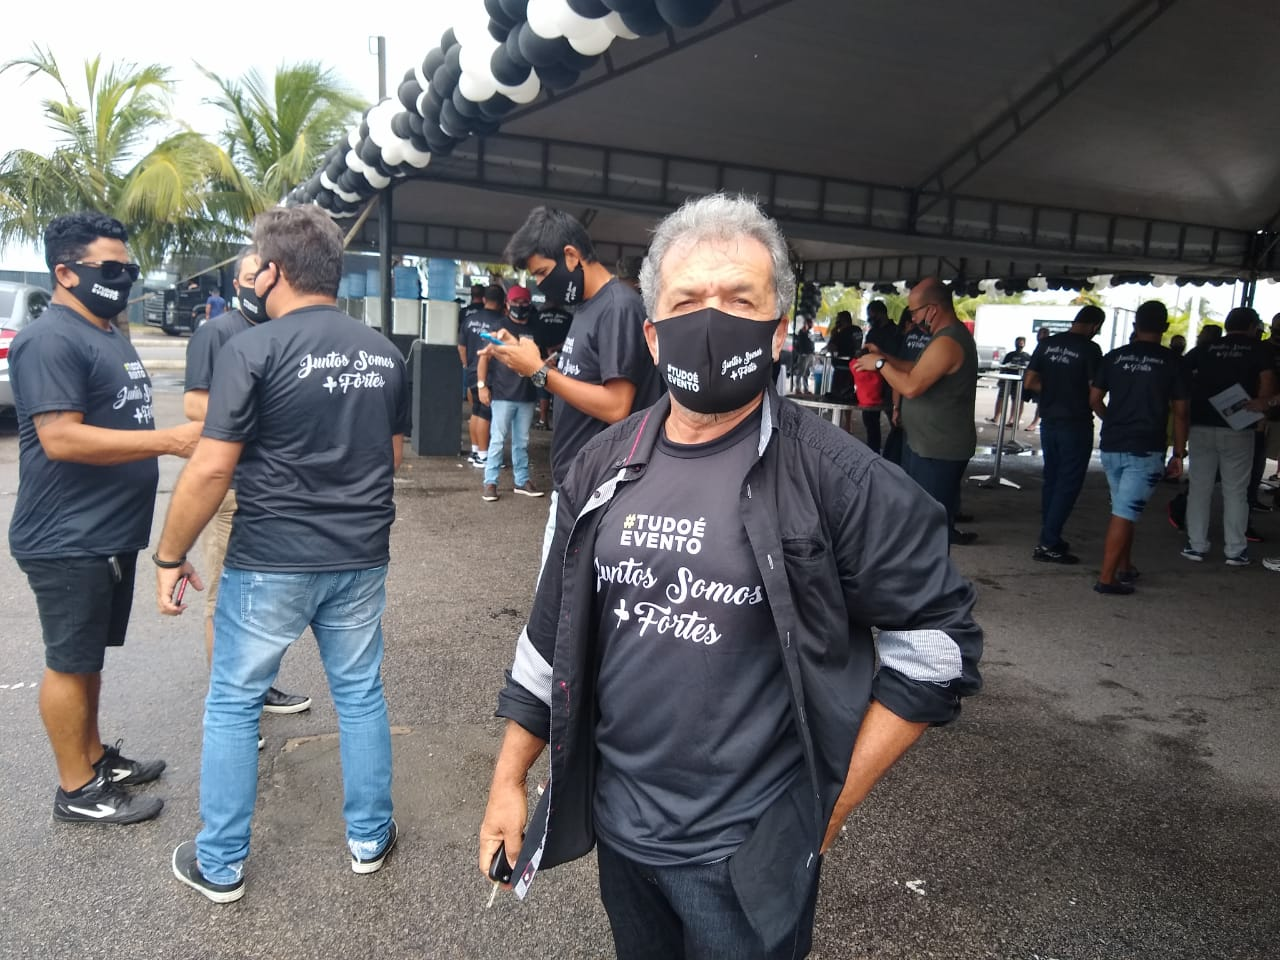 O empresário da banda Arroxonados Oficial, Eudes Cavalcante